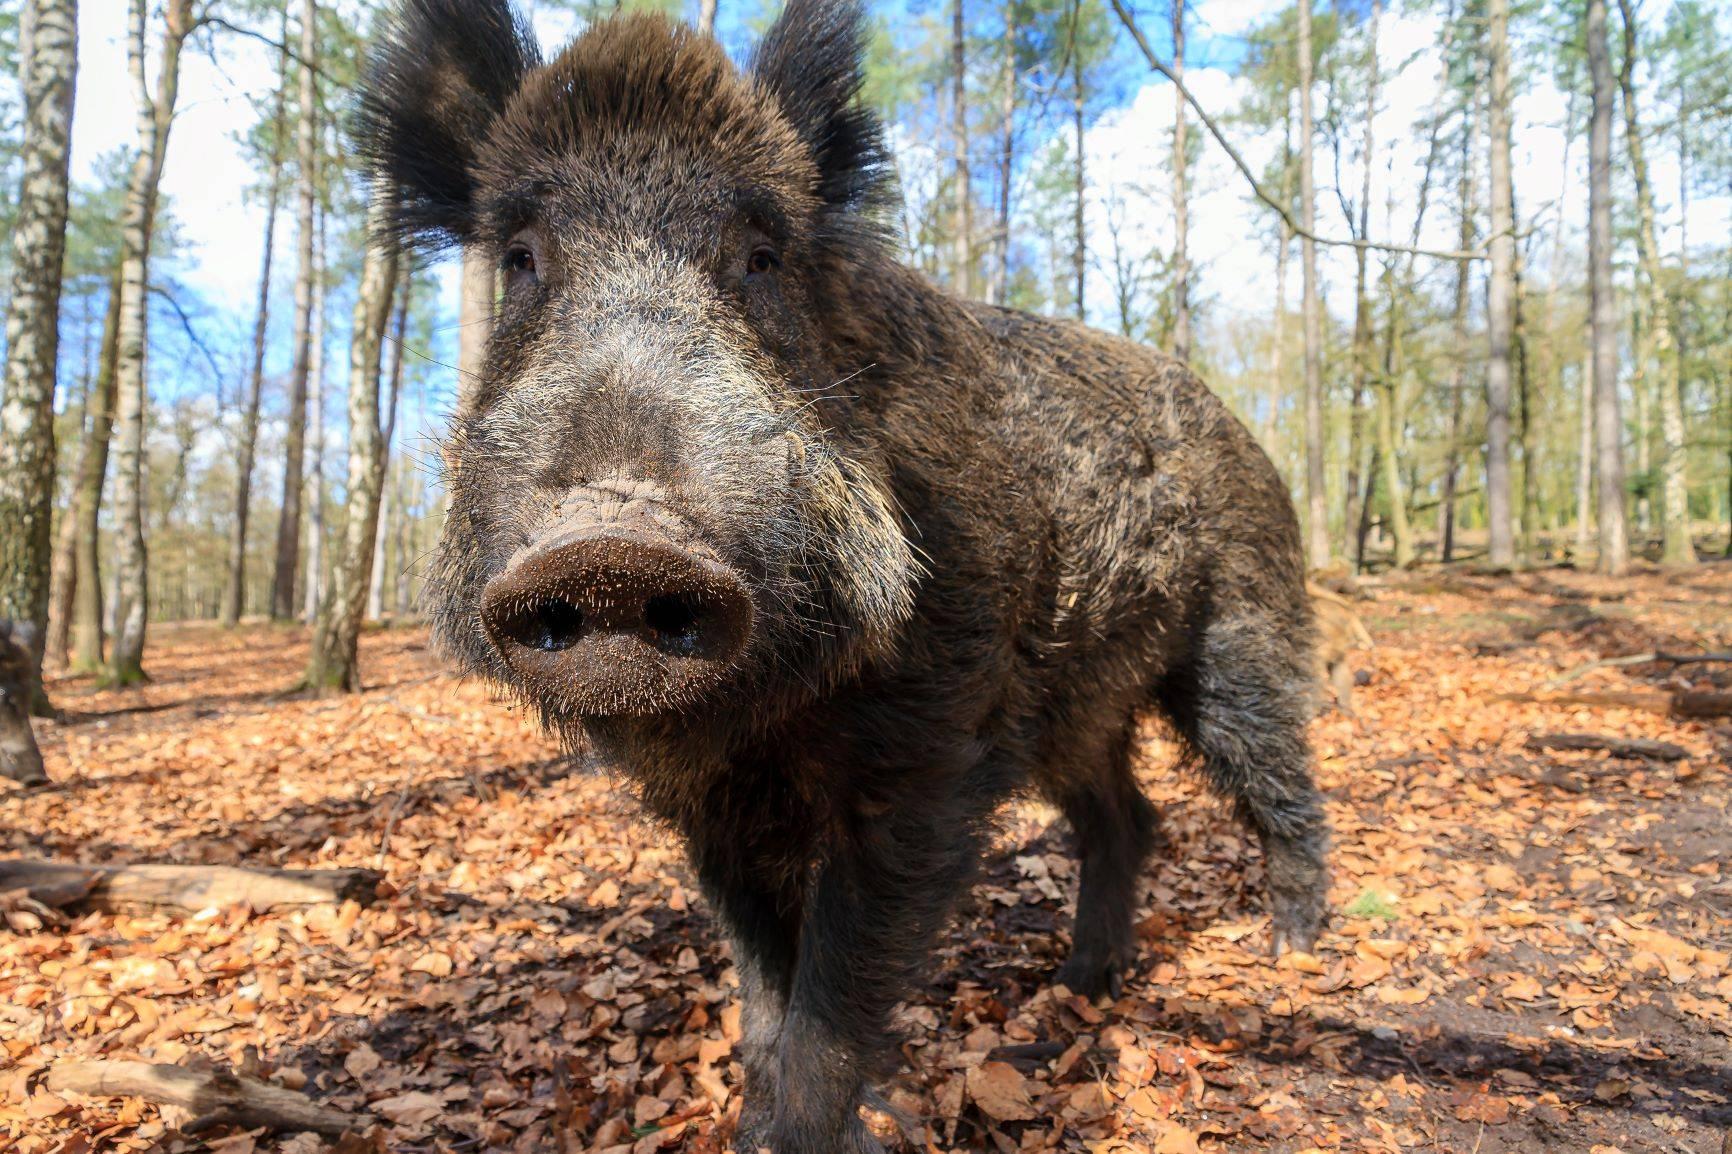 Dzik w lesie - czy ustawa o polowaniach na dziki jest zasadna? Odpowiada Adam Wajrak.